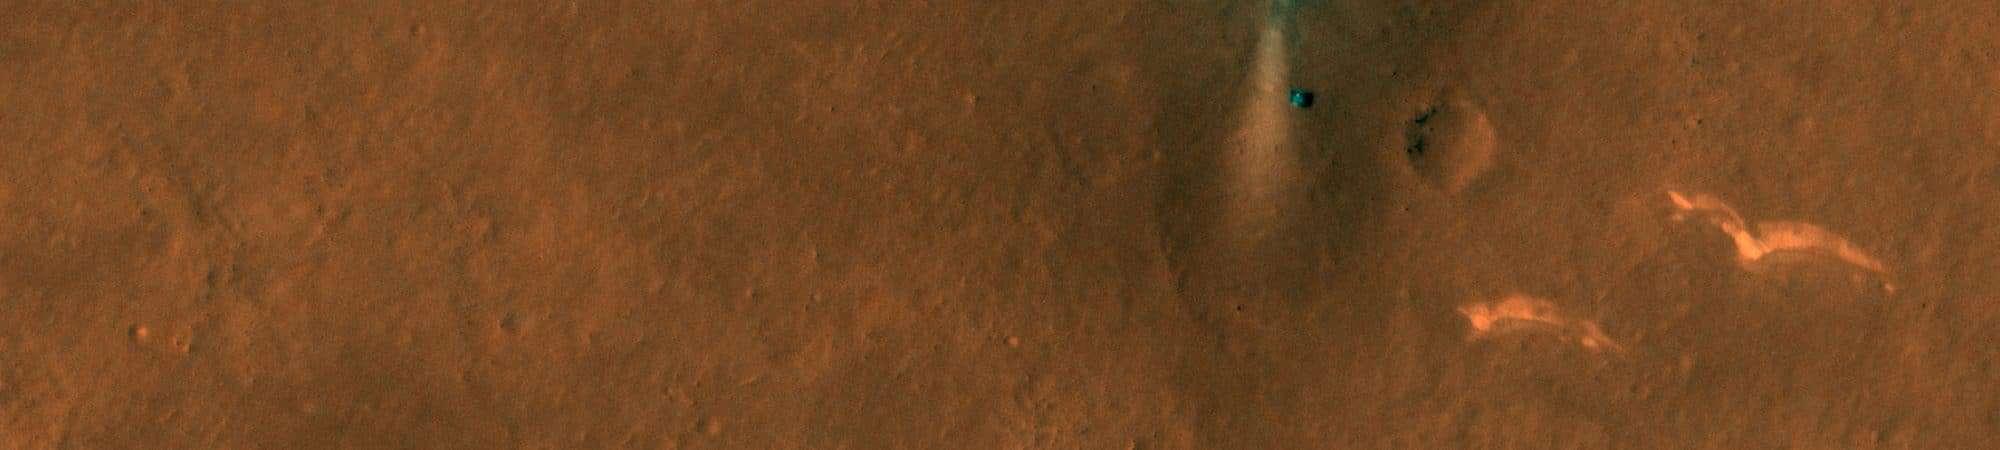 NASA capta imagens do rover chinês Zhurong em Marte